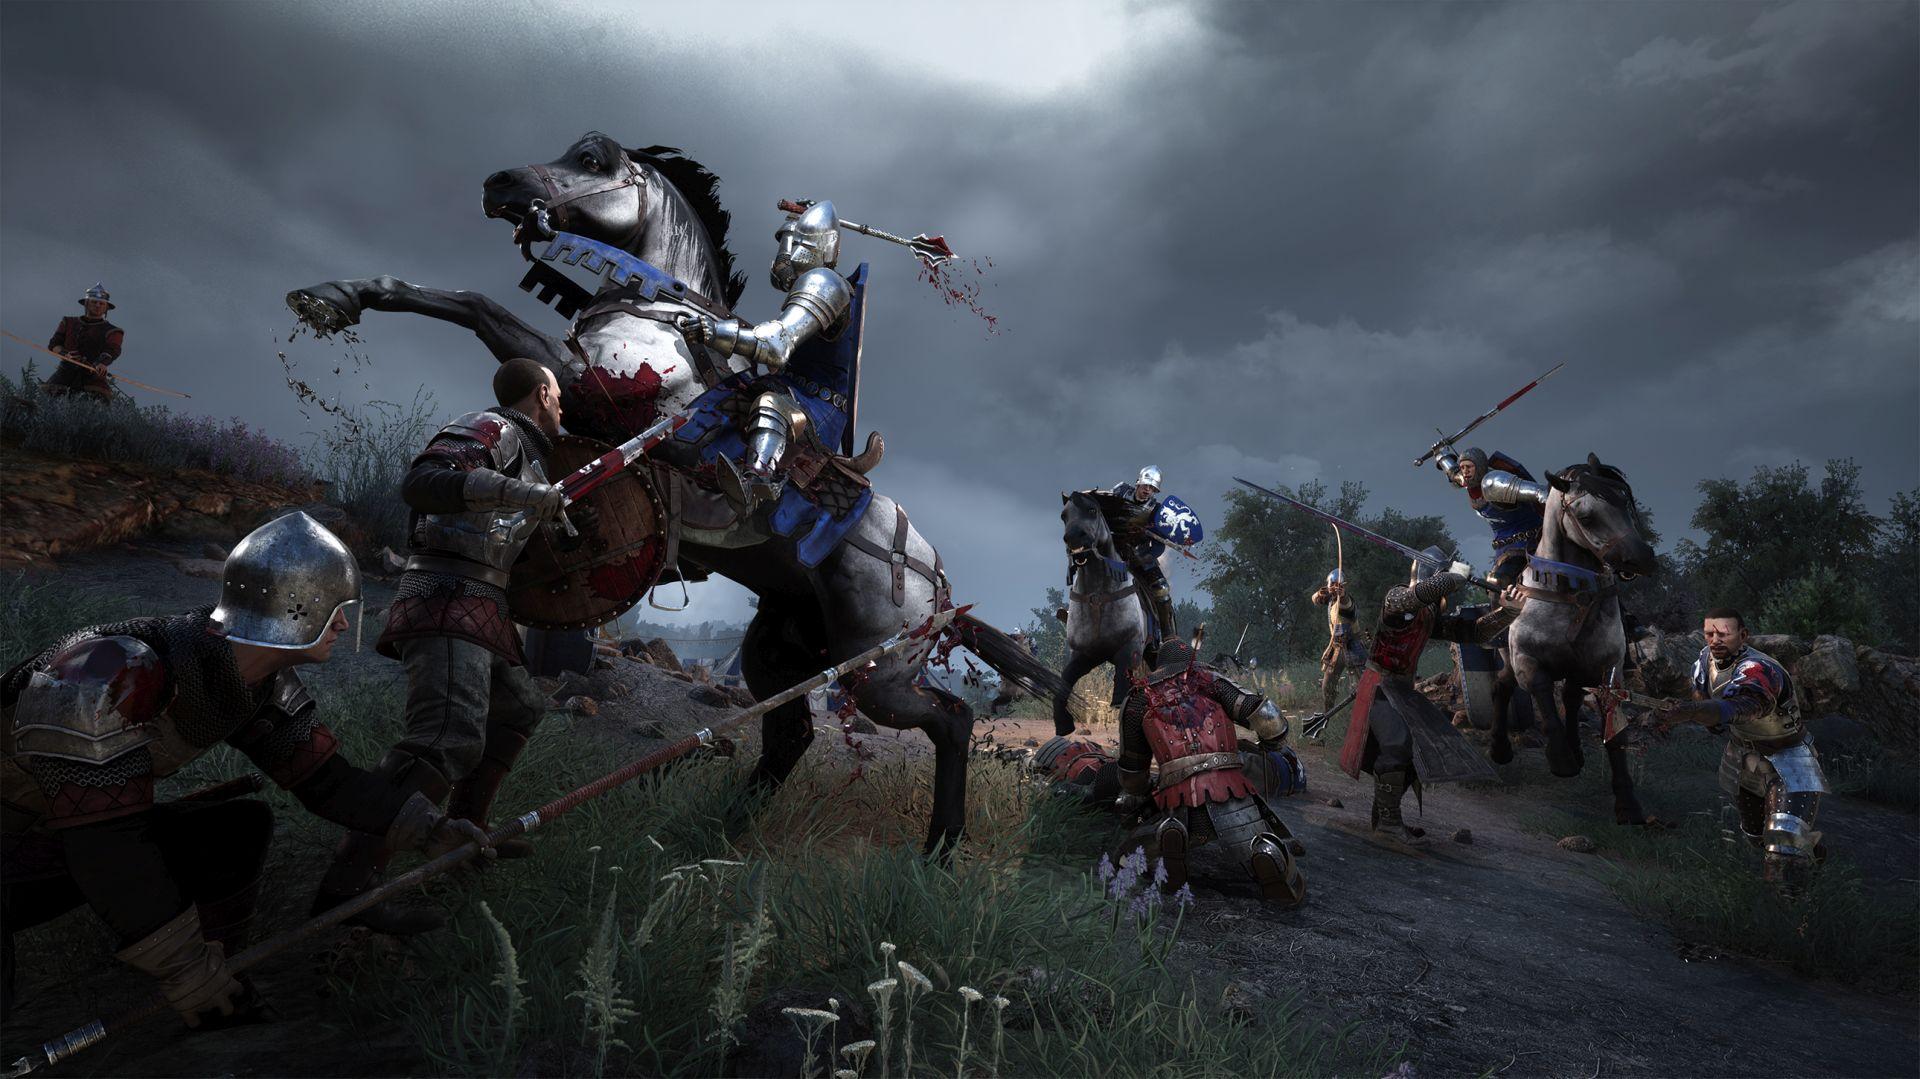 中世纪《骑士精神2》正式解锁 支持跨平台联机